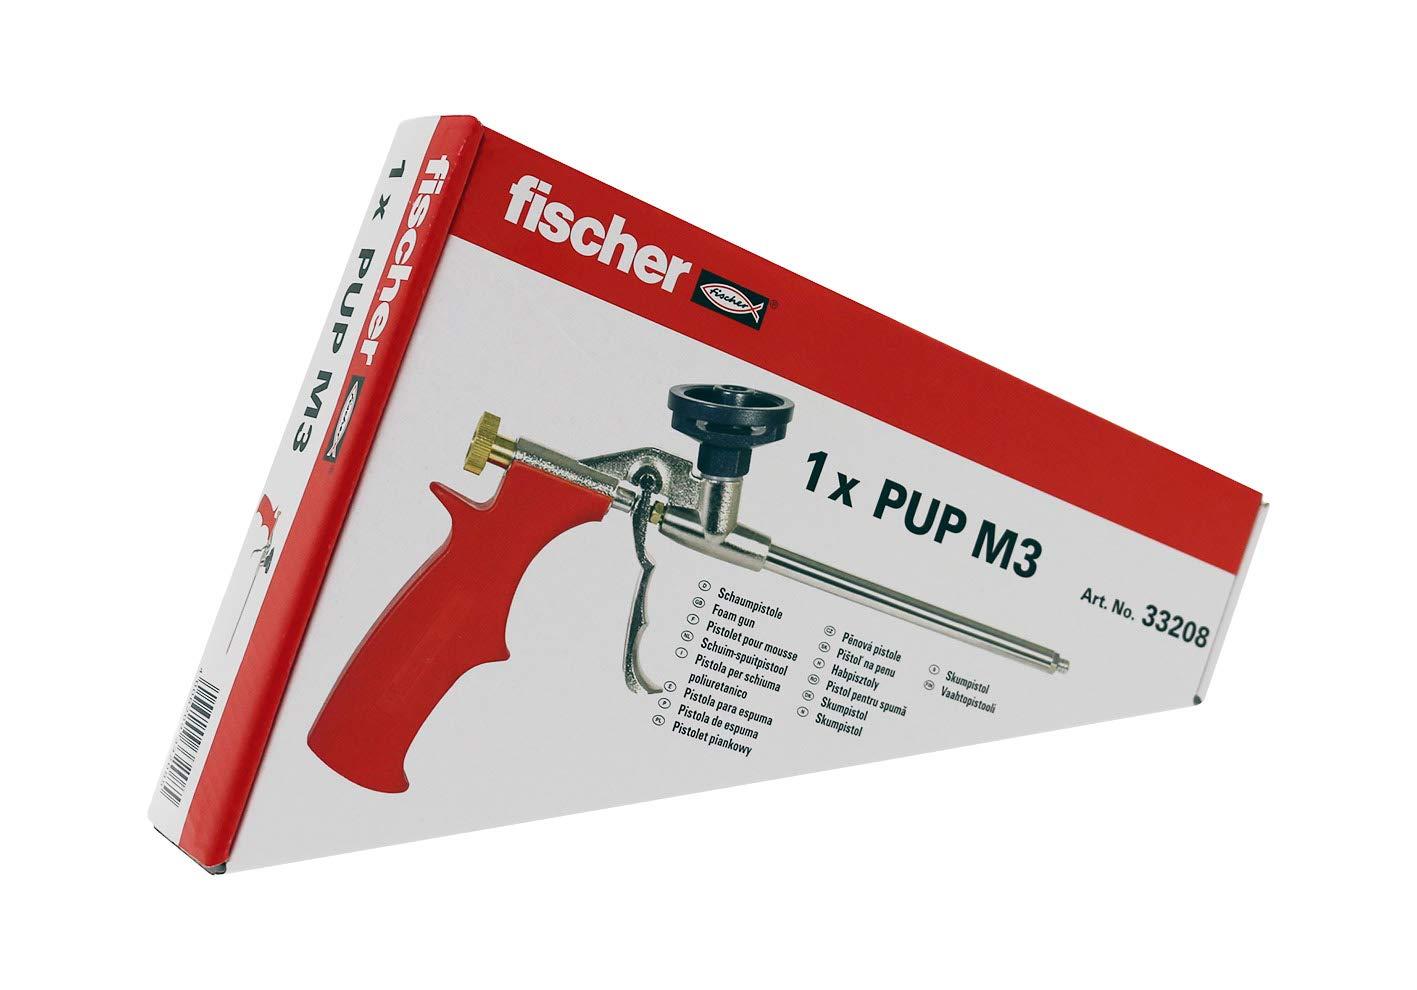 FISCHER 033208 - Pistola espuma PUP M3: Amazon.es: Industria, empresas y ciencia